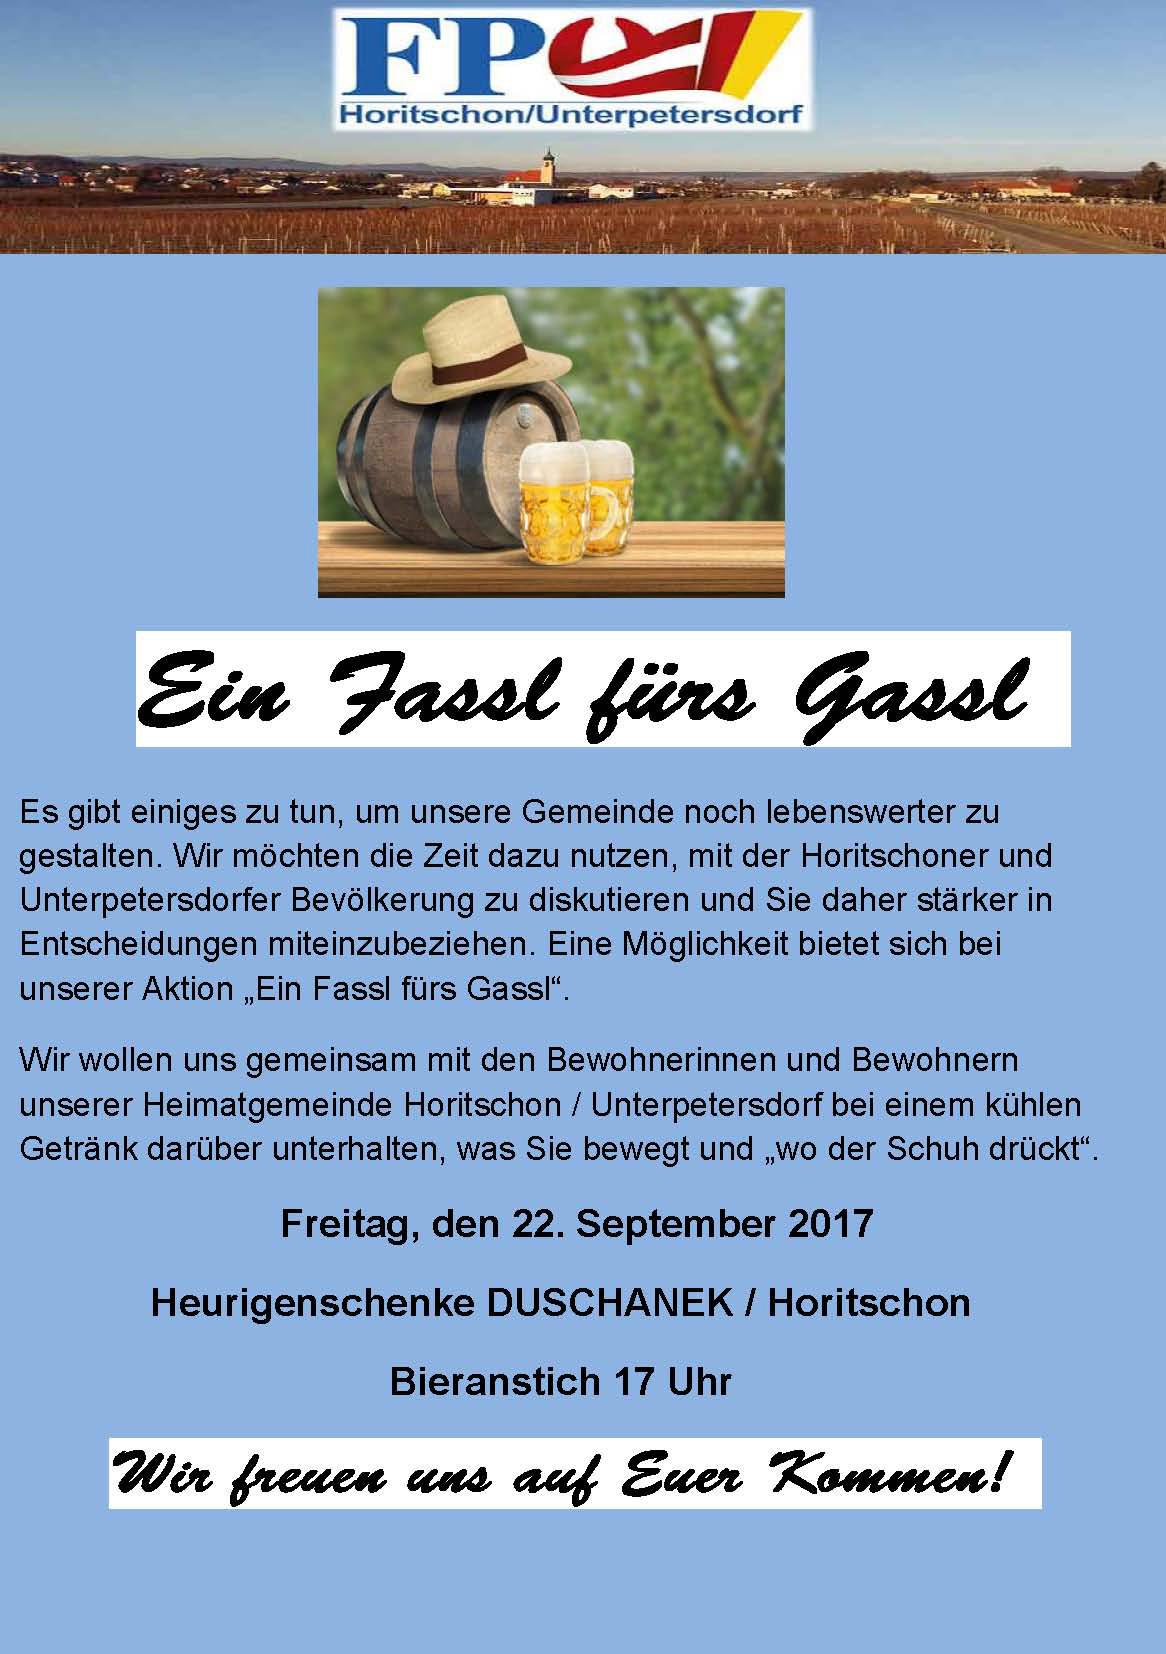 FPÖ Gemeindekurier 03/2017 Fassl Fürs Gassl